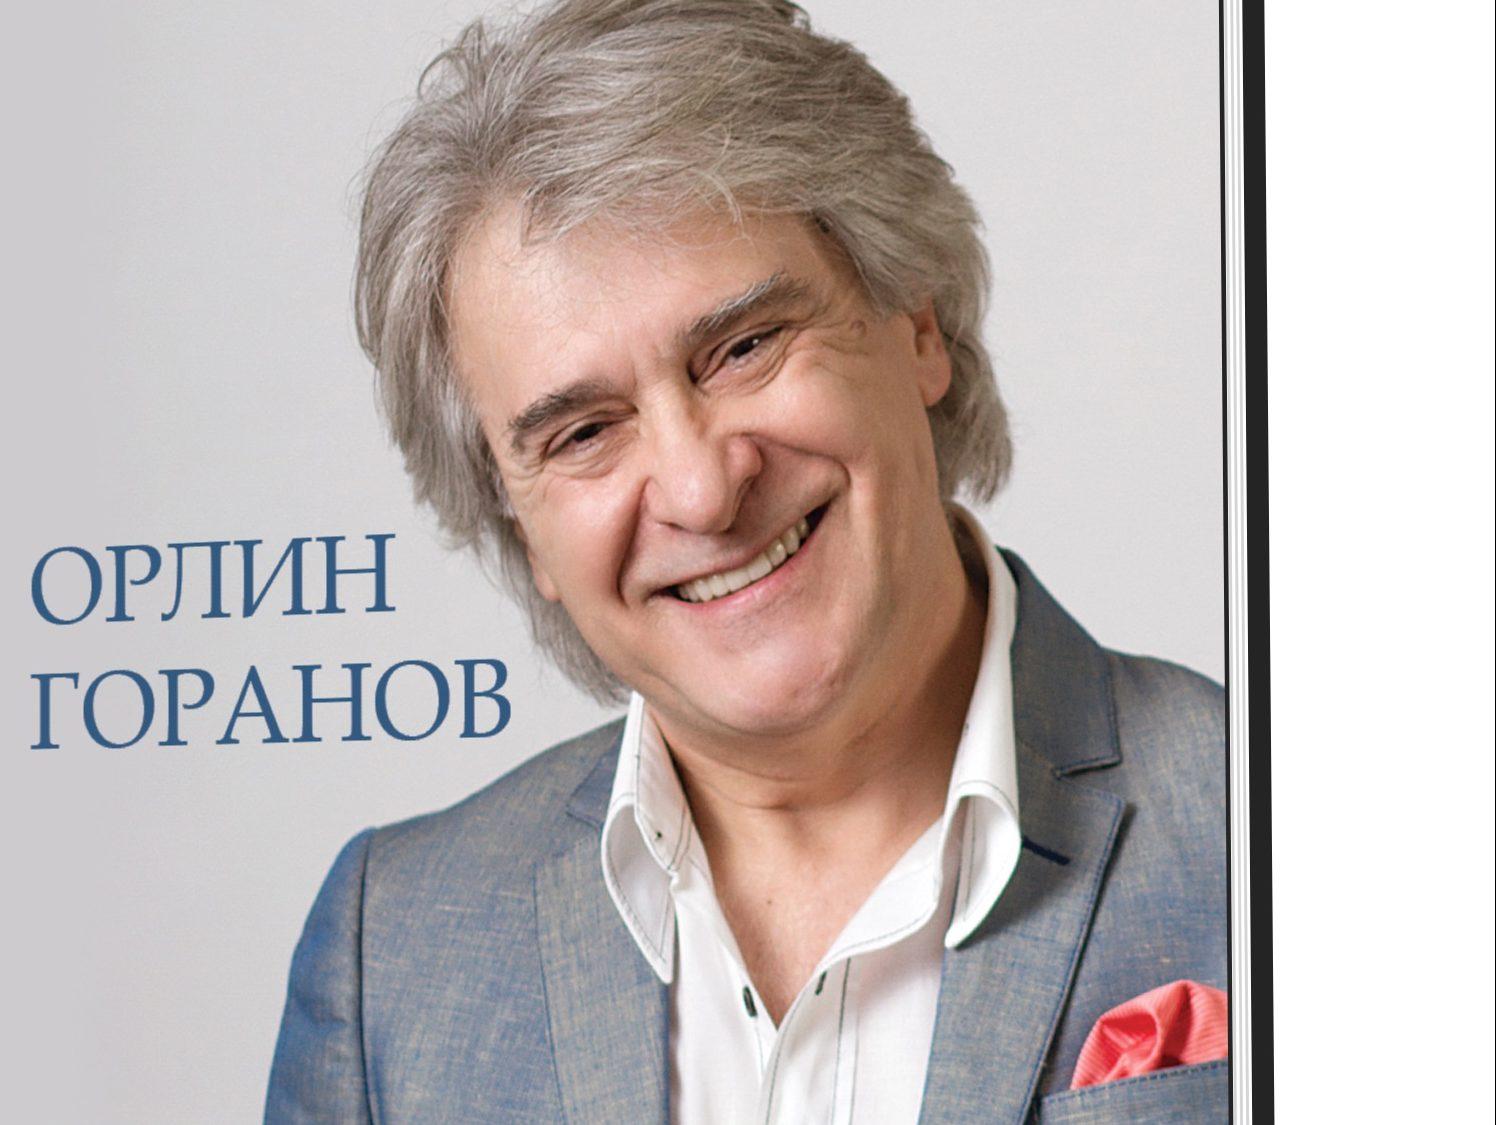 Пътят на Орлин Горанов описан в книга